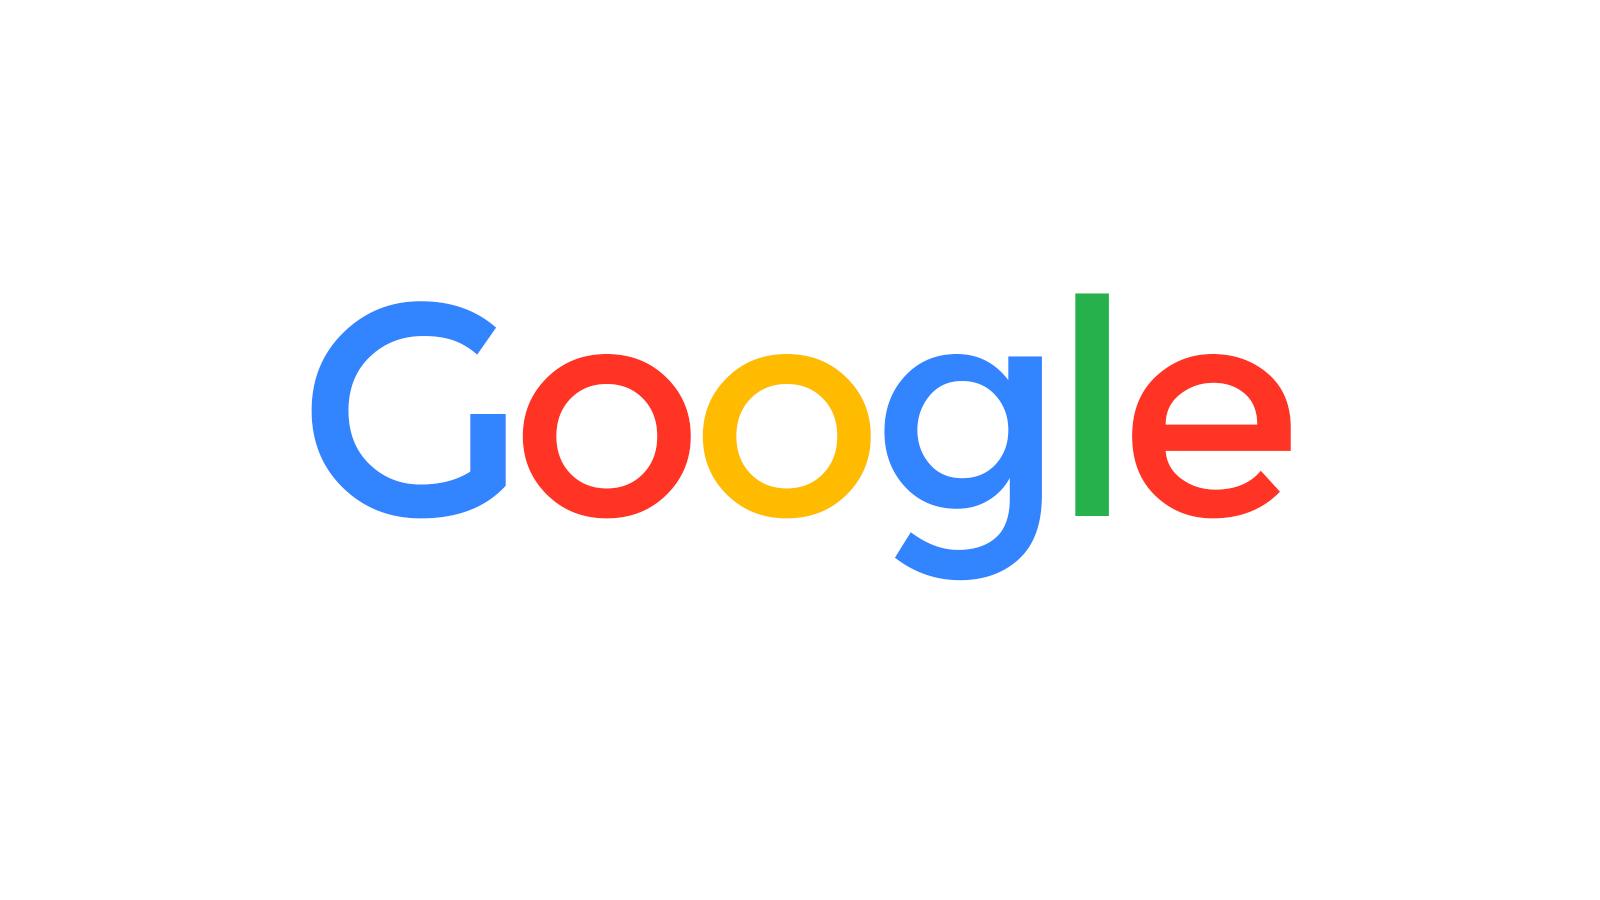 Google(グーグル) 6月4日 コアアルゴリズムアップデート 発表